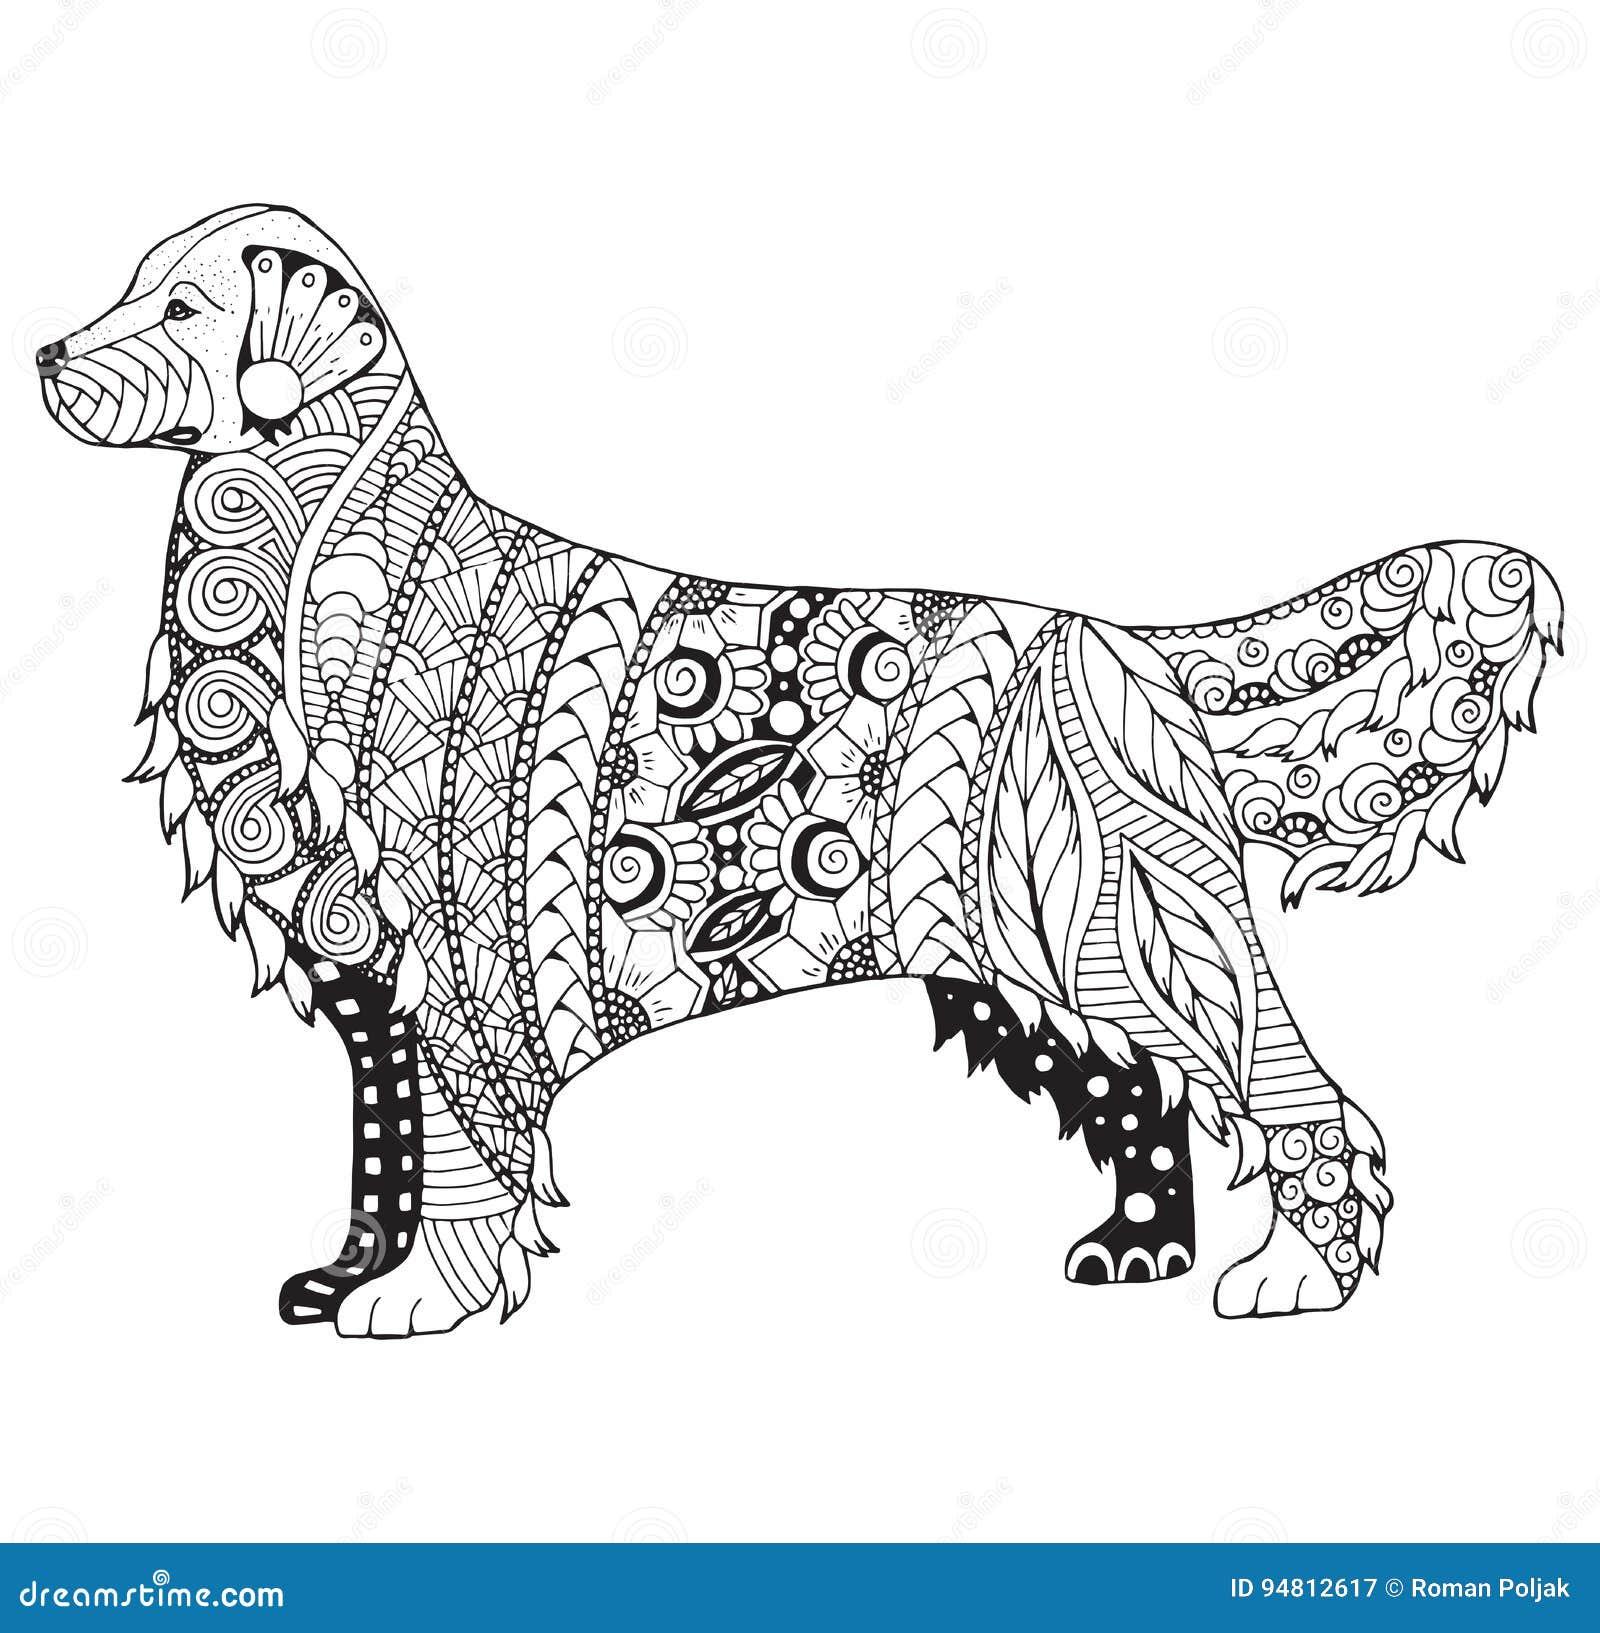 Golden Retriever Dog Zentangle Stylized Vector Illustration F Stock Vector